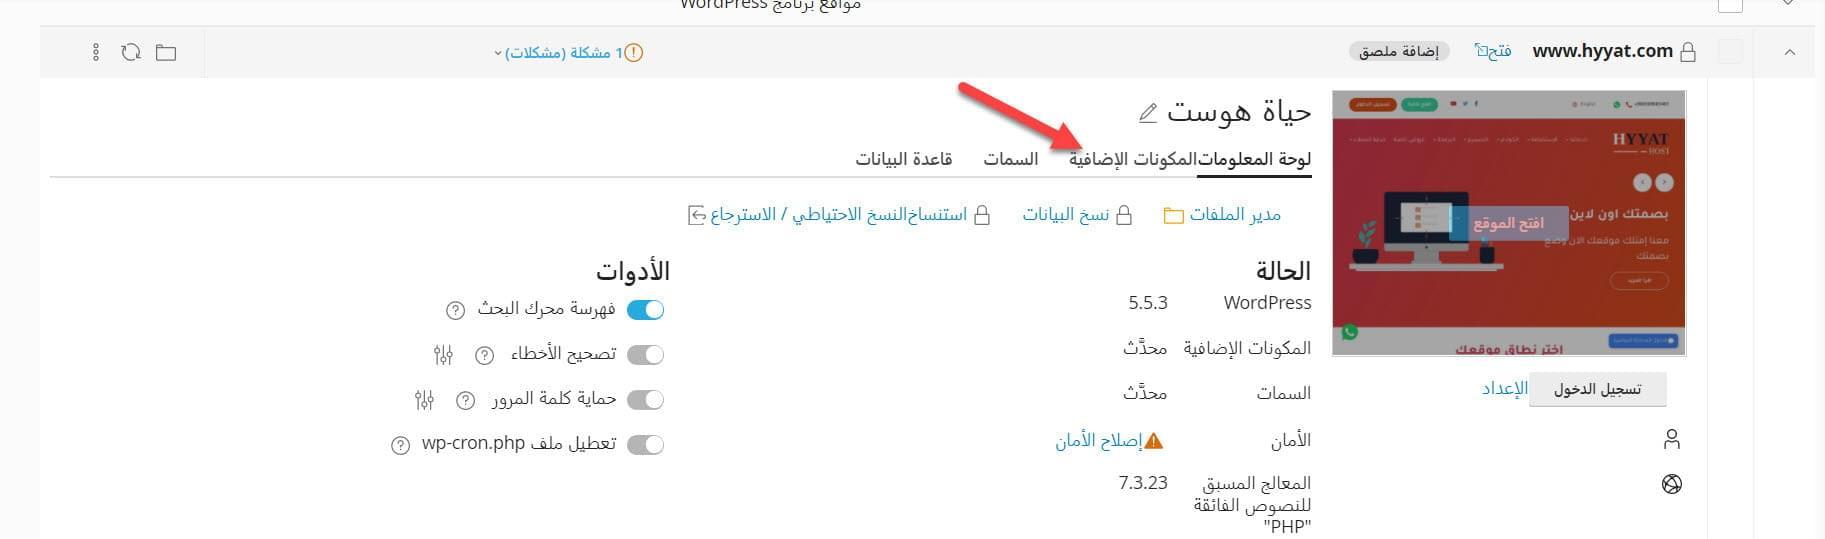 تصحيح أخطاء WordPress باستخدام cPanel ومجموعة أدوات WordPress